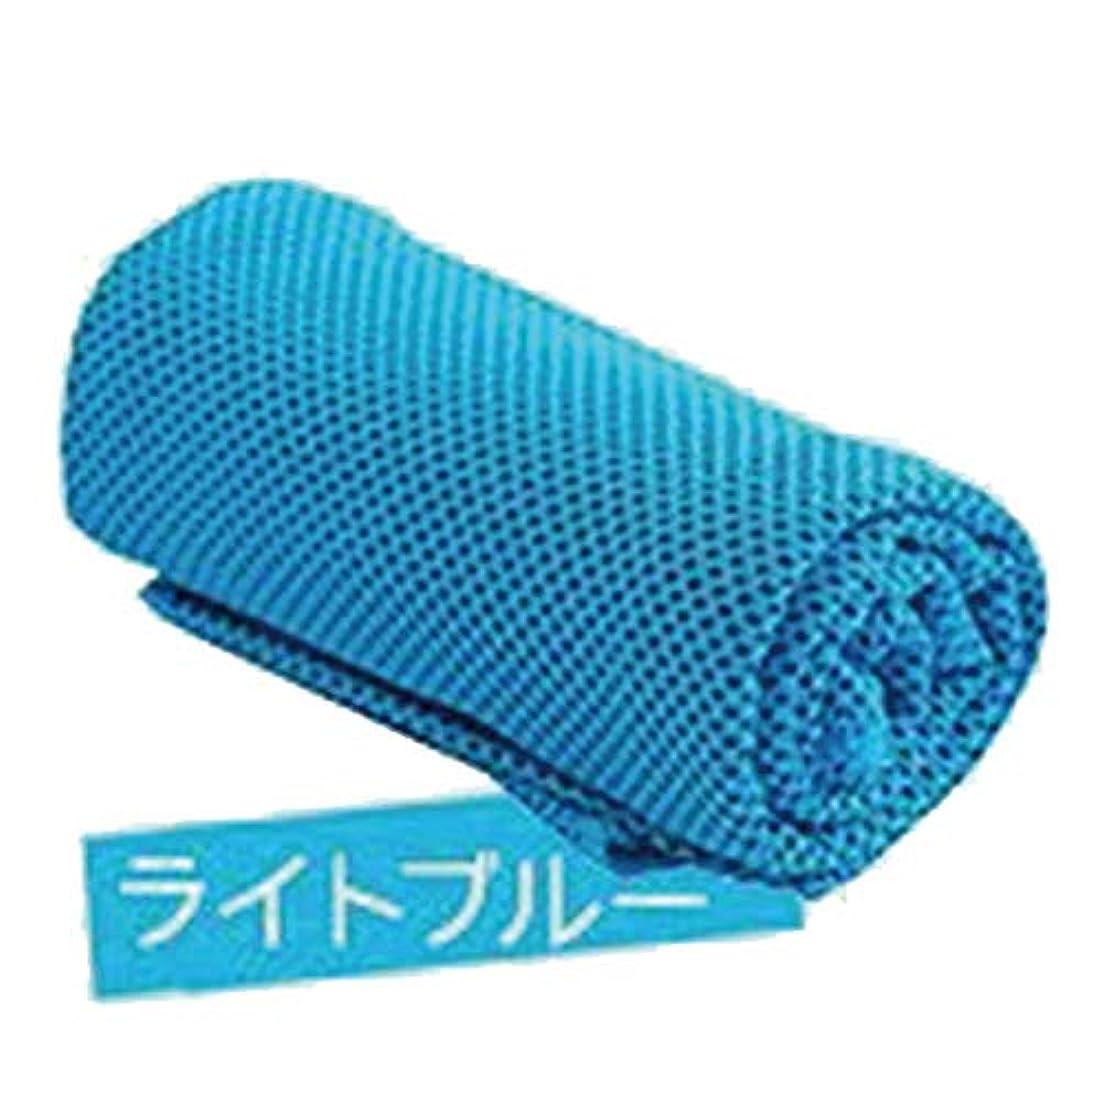 ダンスクリップ蝶データベース水で濡らして ひんやりクールタオル 持ち運び ジップ袋 ひんやりタオル 冷却タオル 大人から子供まで 冷間タオル (ライトブルー)